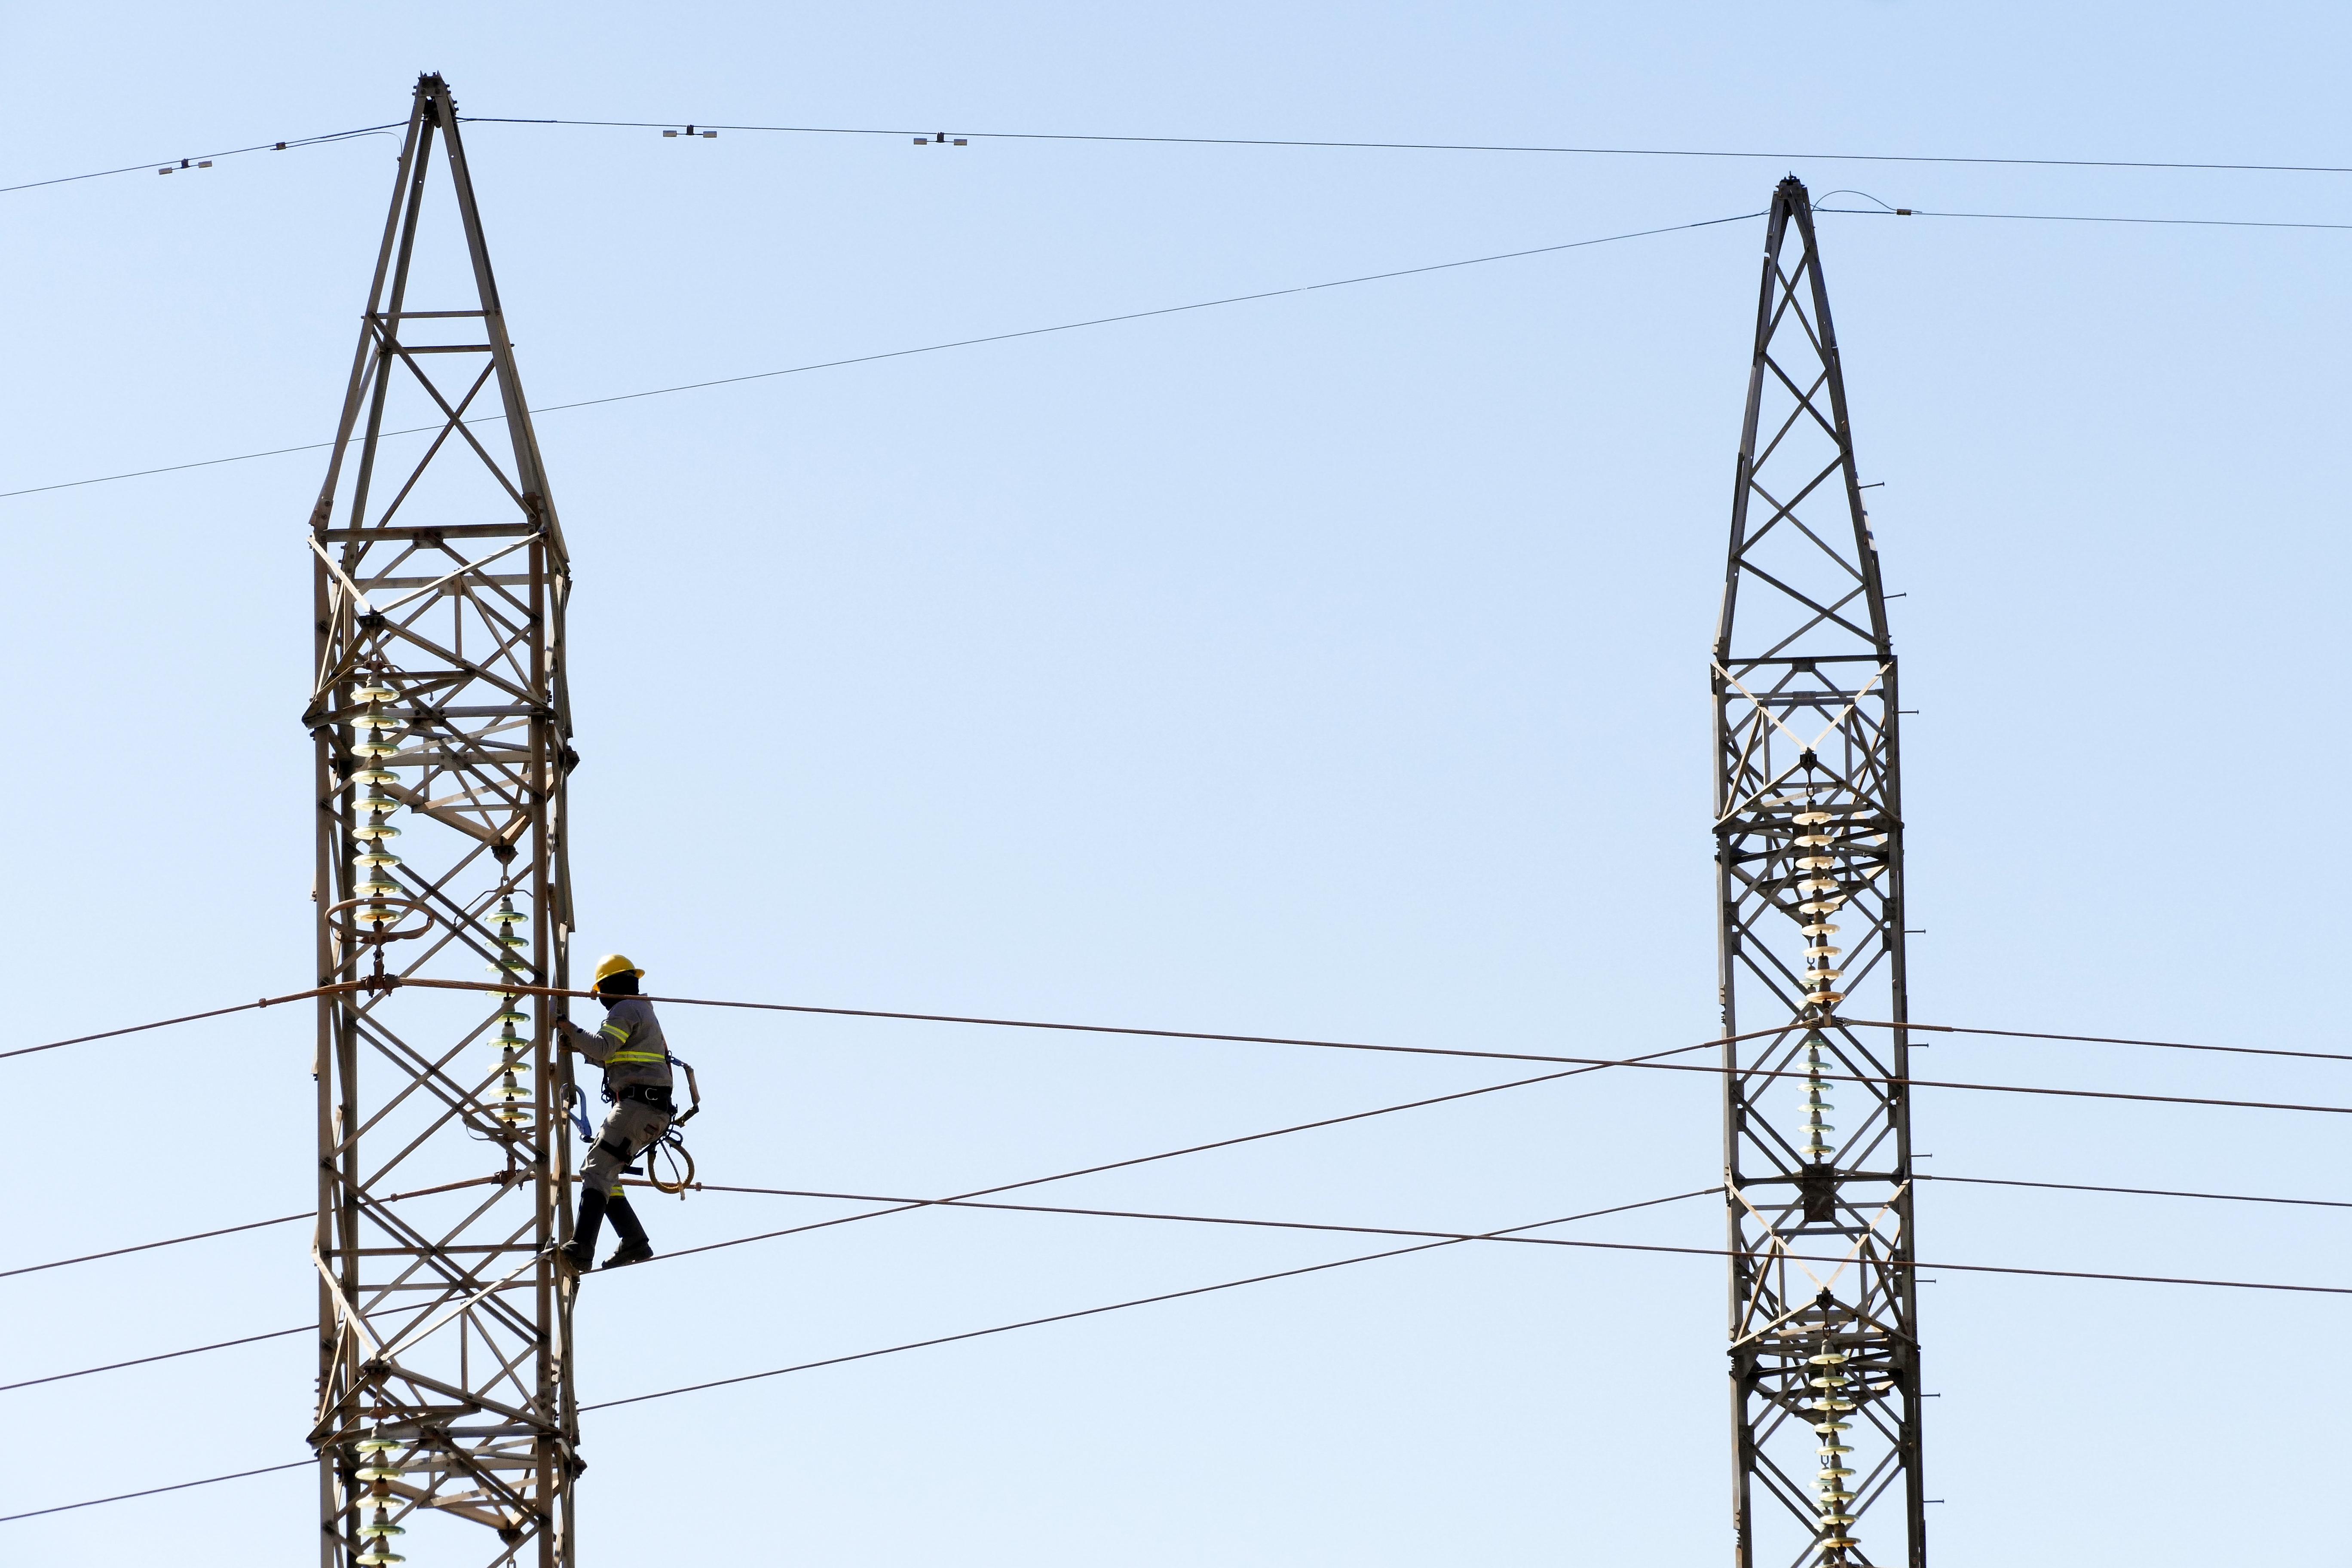 IMAGEM: Com crise hídrica, Aneel já prevê alta de 5% nas contas de luz do ano que vem